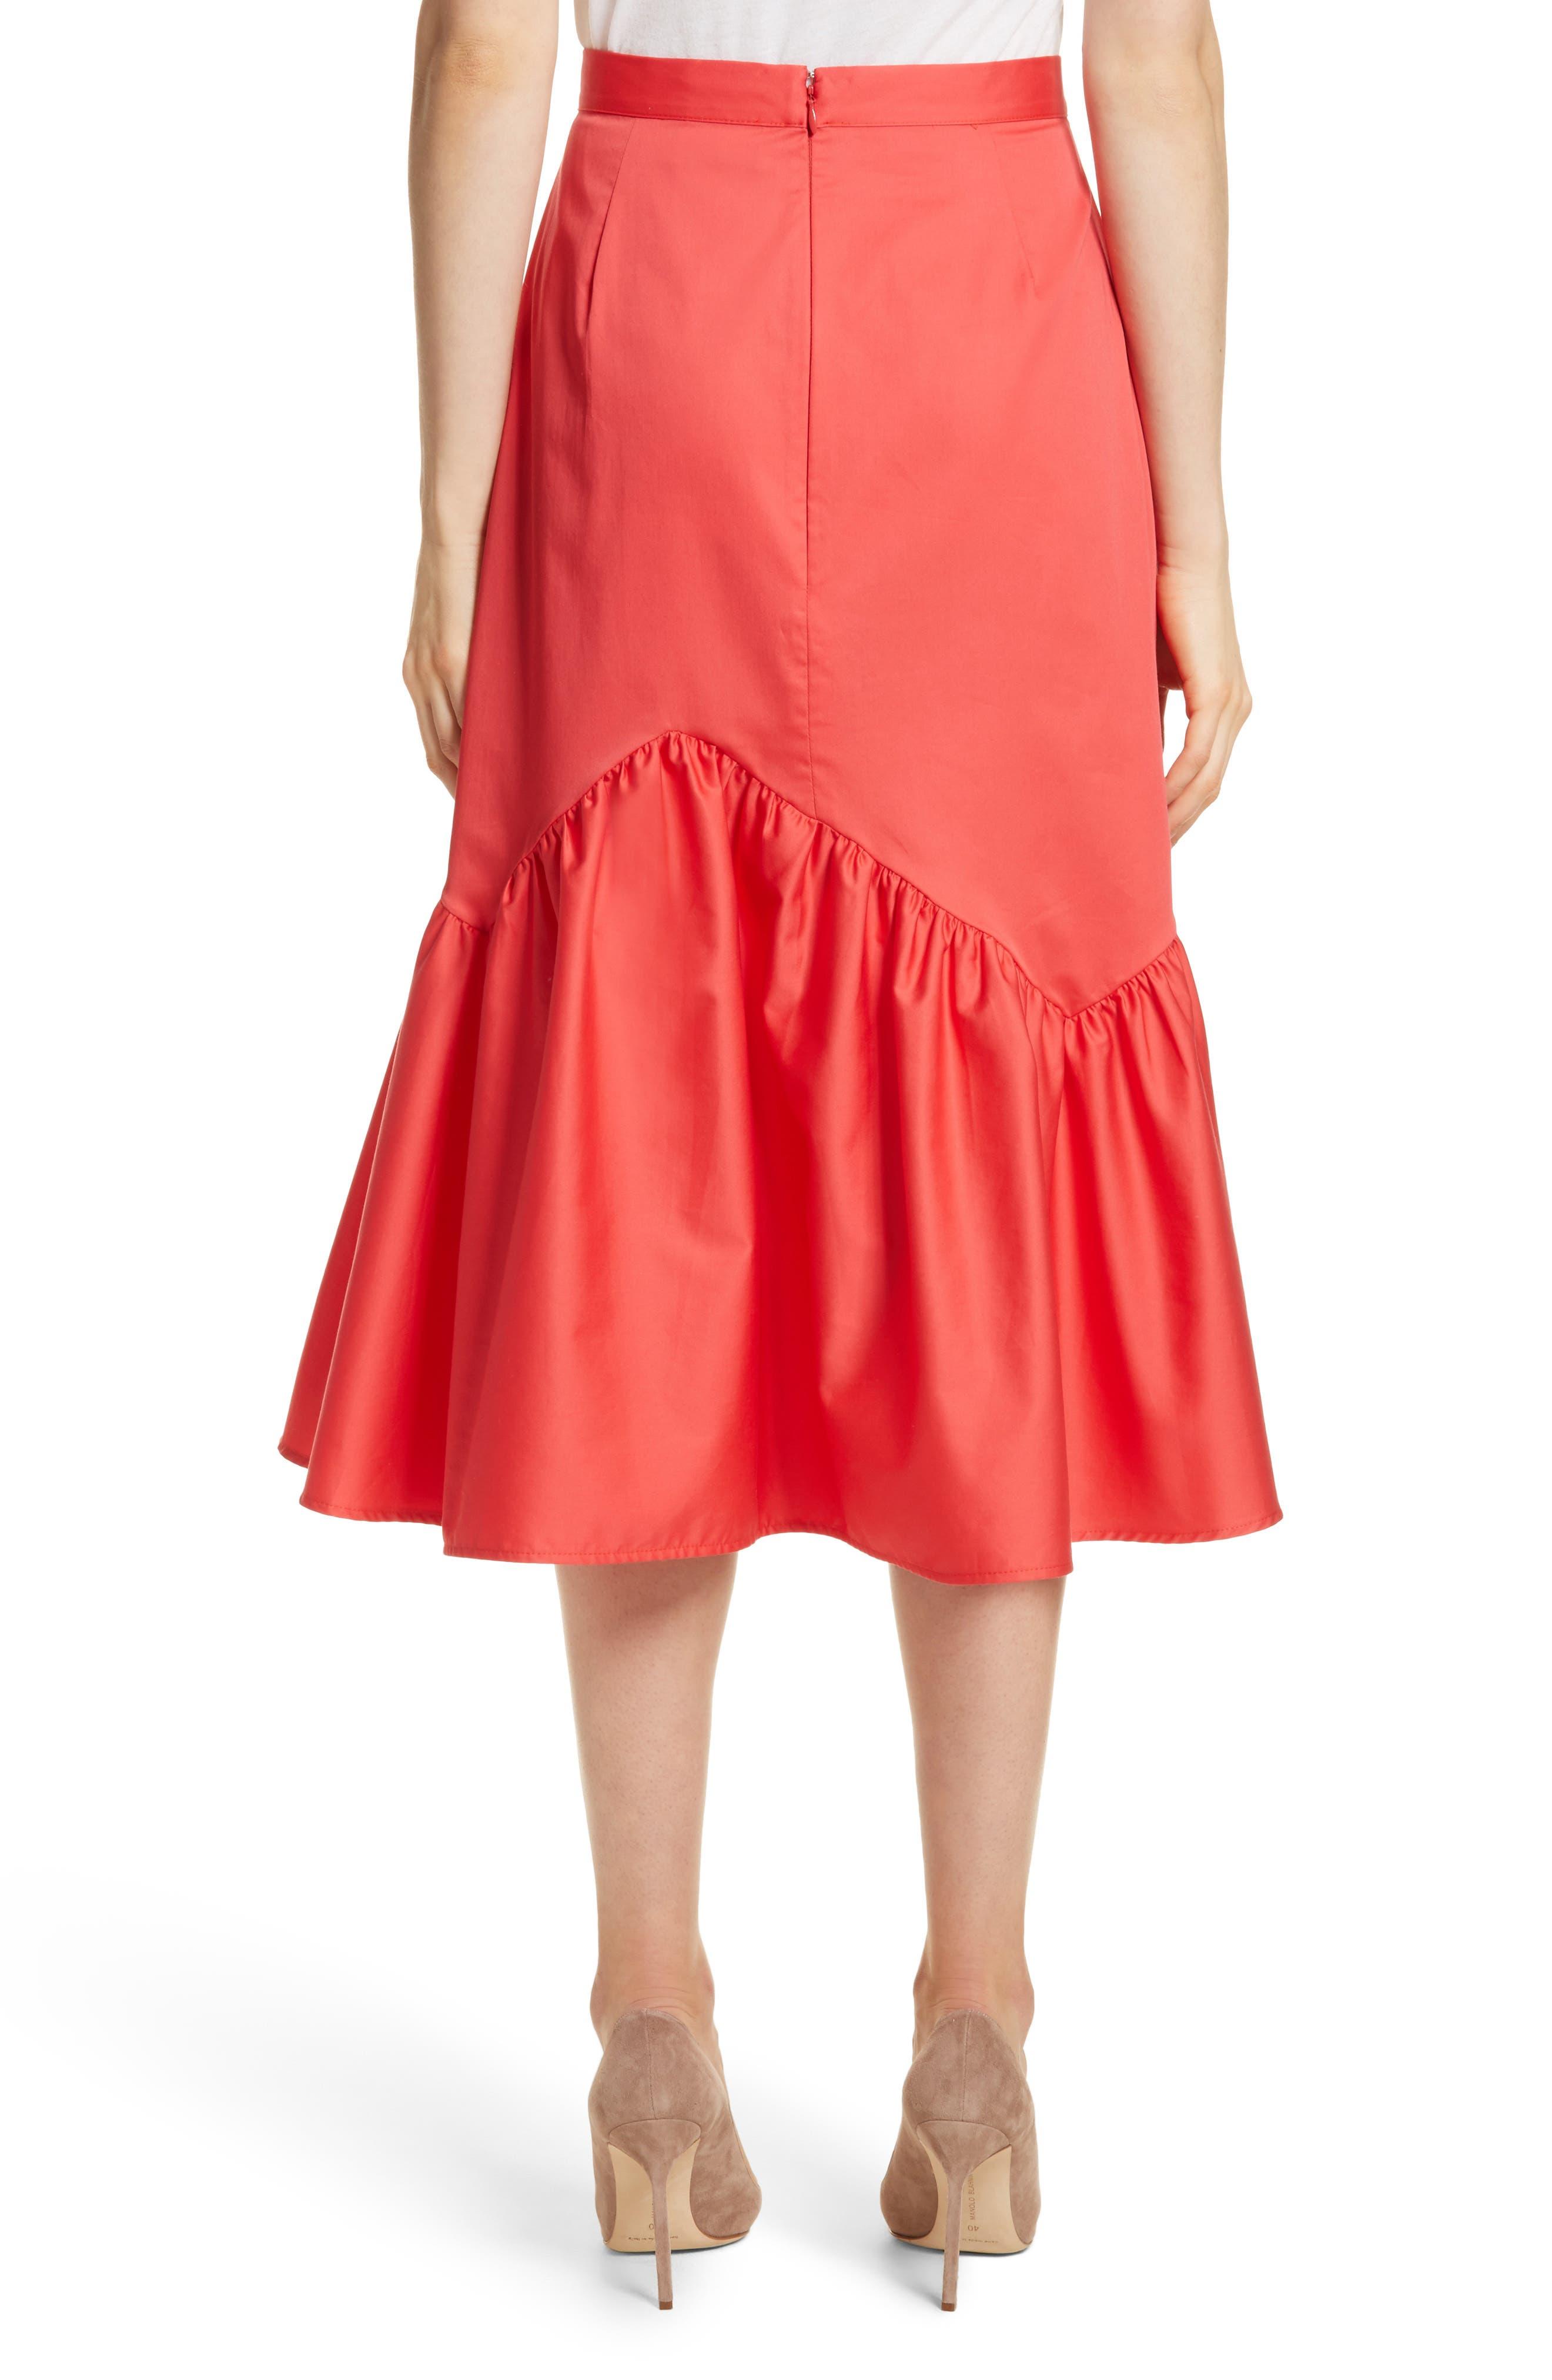 Prose & Poetry Tyra Midi Skirt,                             Alternate thumbnail 2, color,                             621